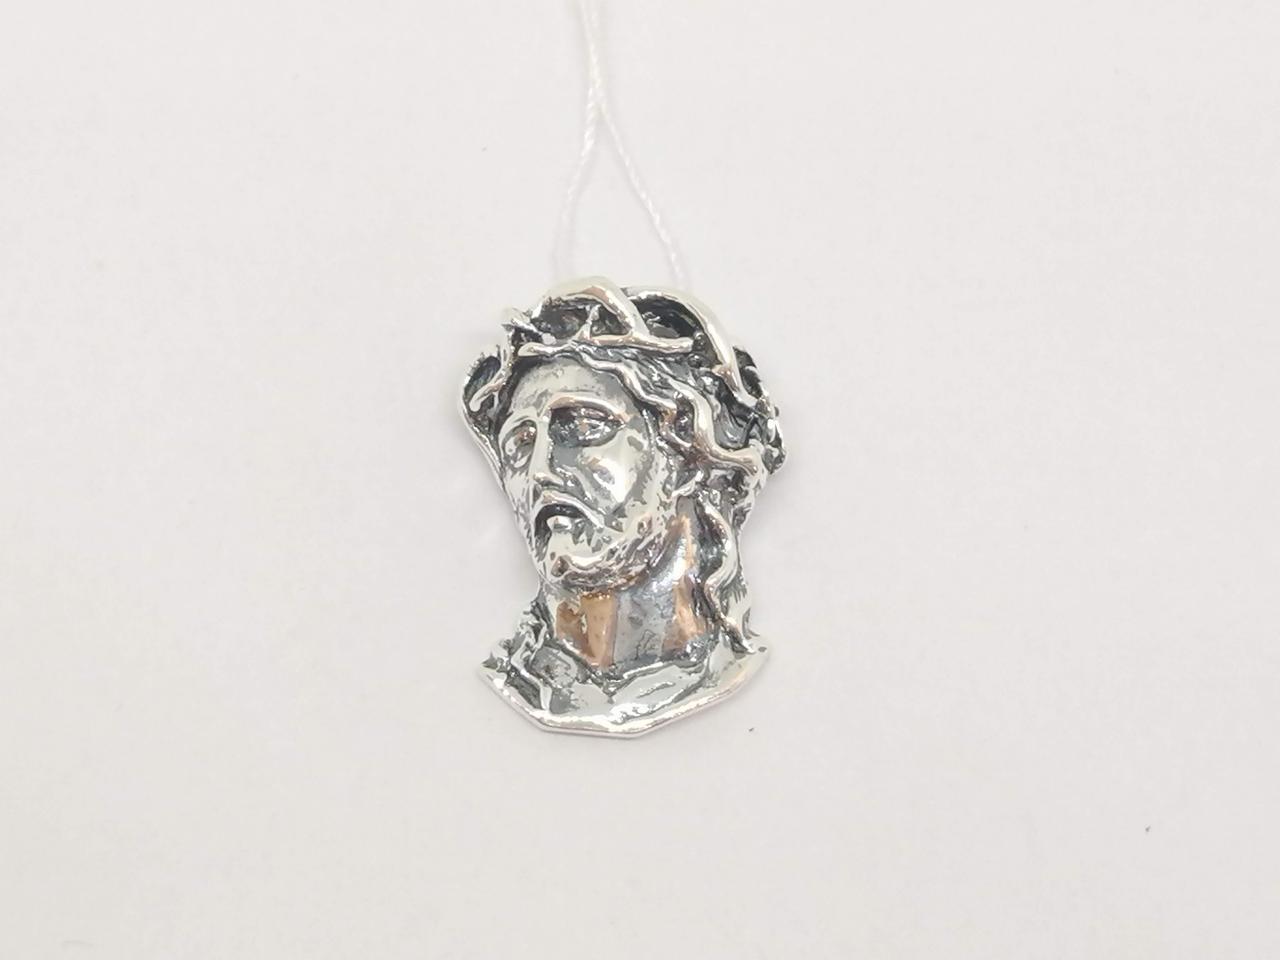 Серебряная подвеска Лик Иисуса Христа. Артикул 30240